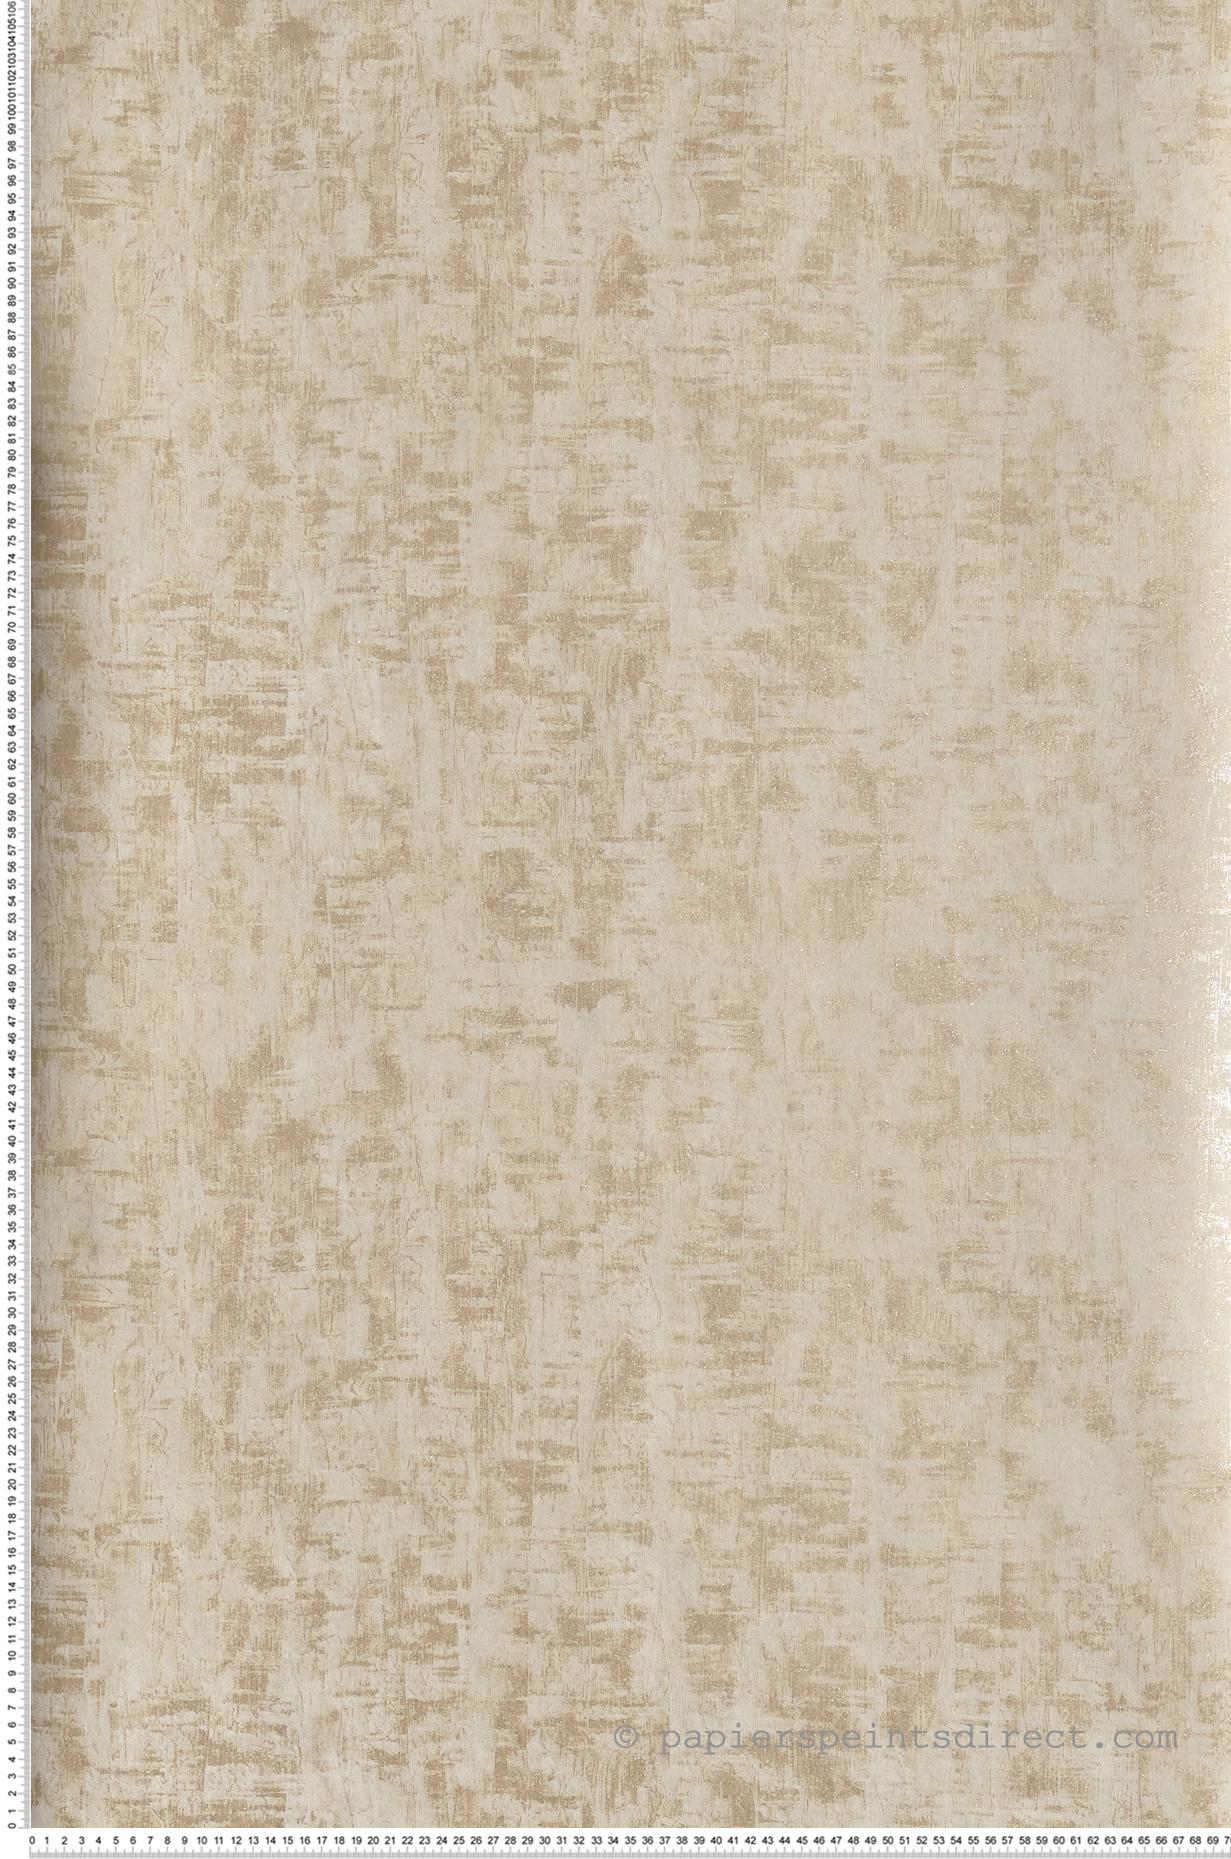 Papier Peint Beige Doré Paillettes Talochées Place Vendôme